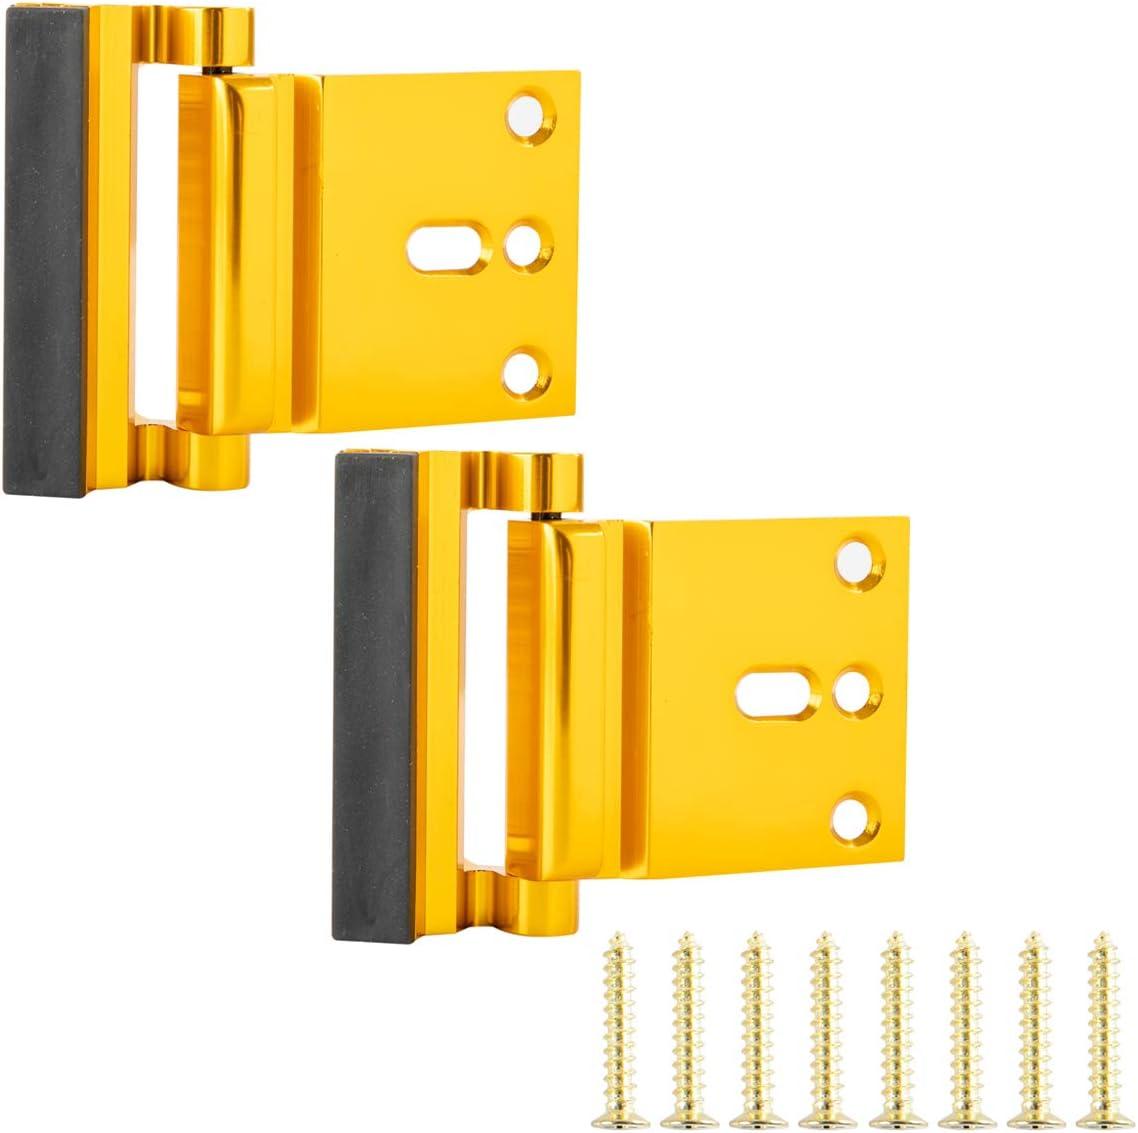 AmazonBasics Cerradura de refuerzo para puerta - 2 unidades, latón pulido: Amazon.es: Bricolaje y herramientas